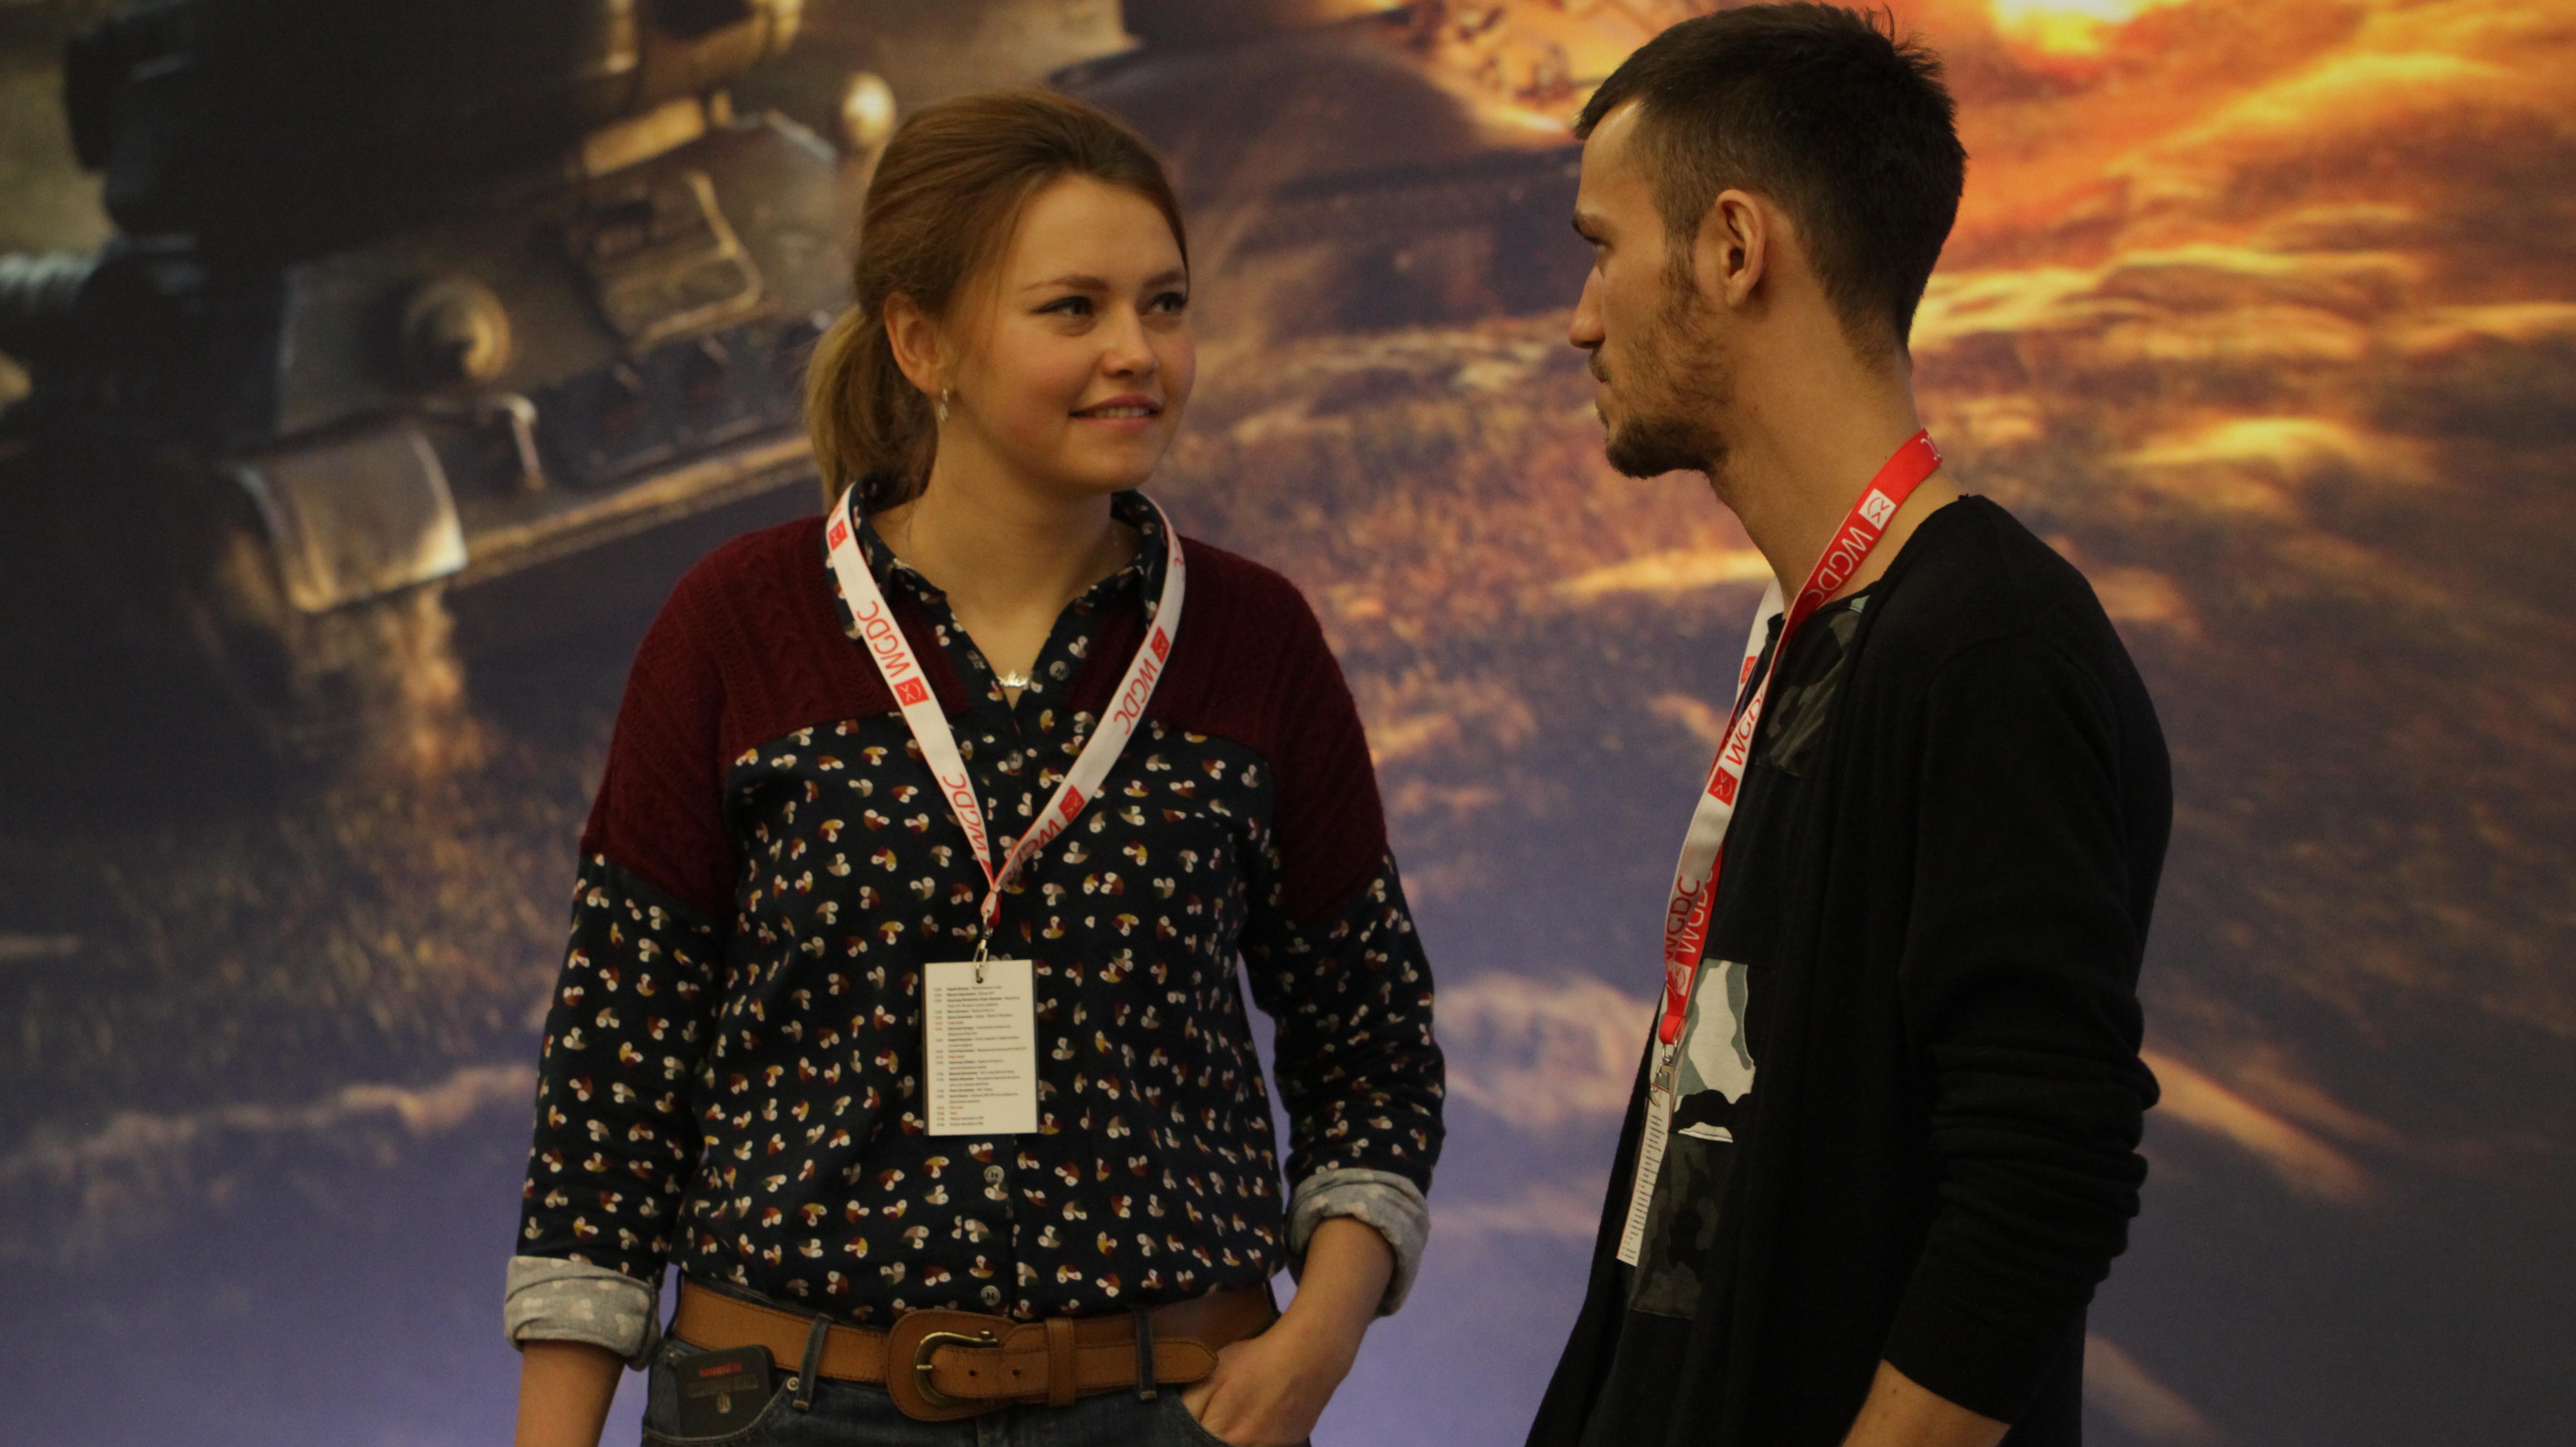 WGN_Photos_WGDC_Conference_Image_12